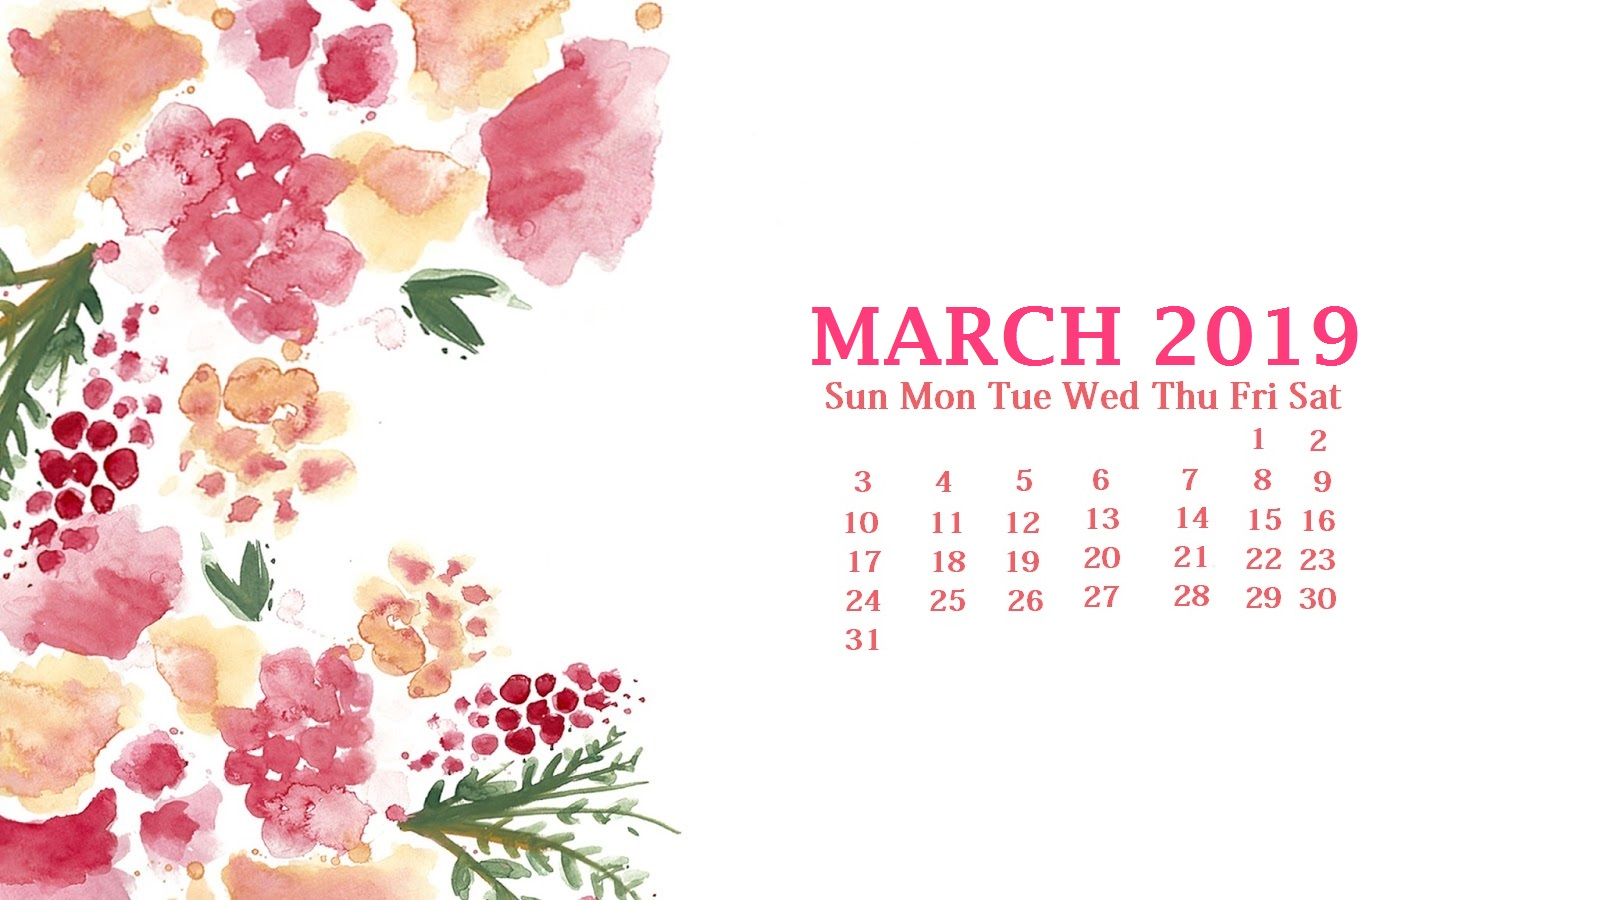 March 2019 Desktop Wallpaper Calendar Latest Calendar 1600x900